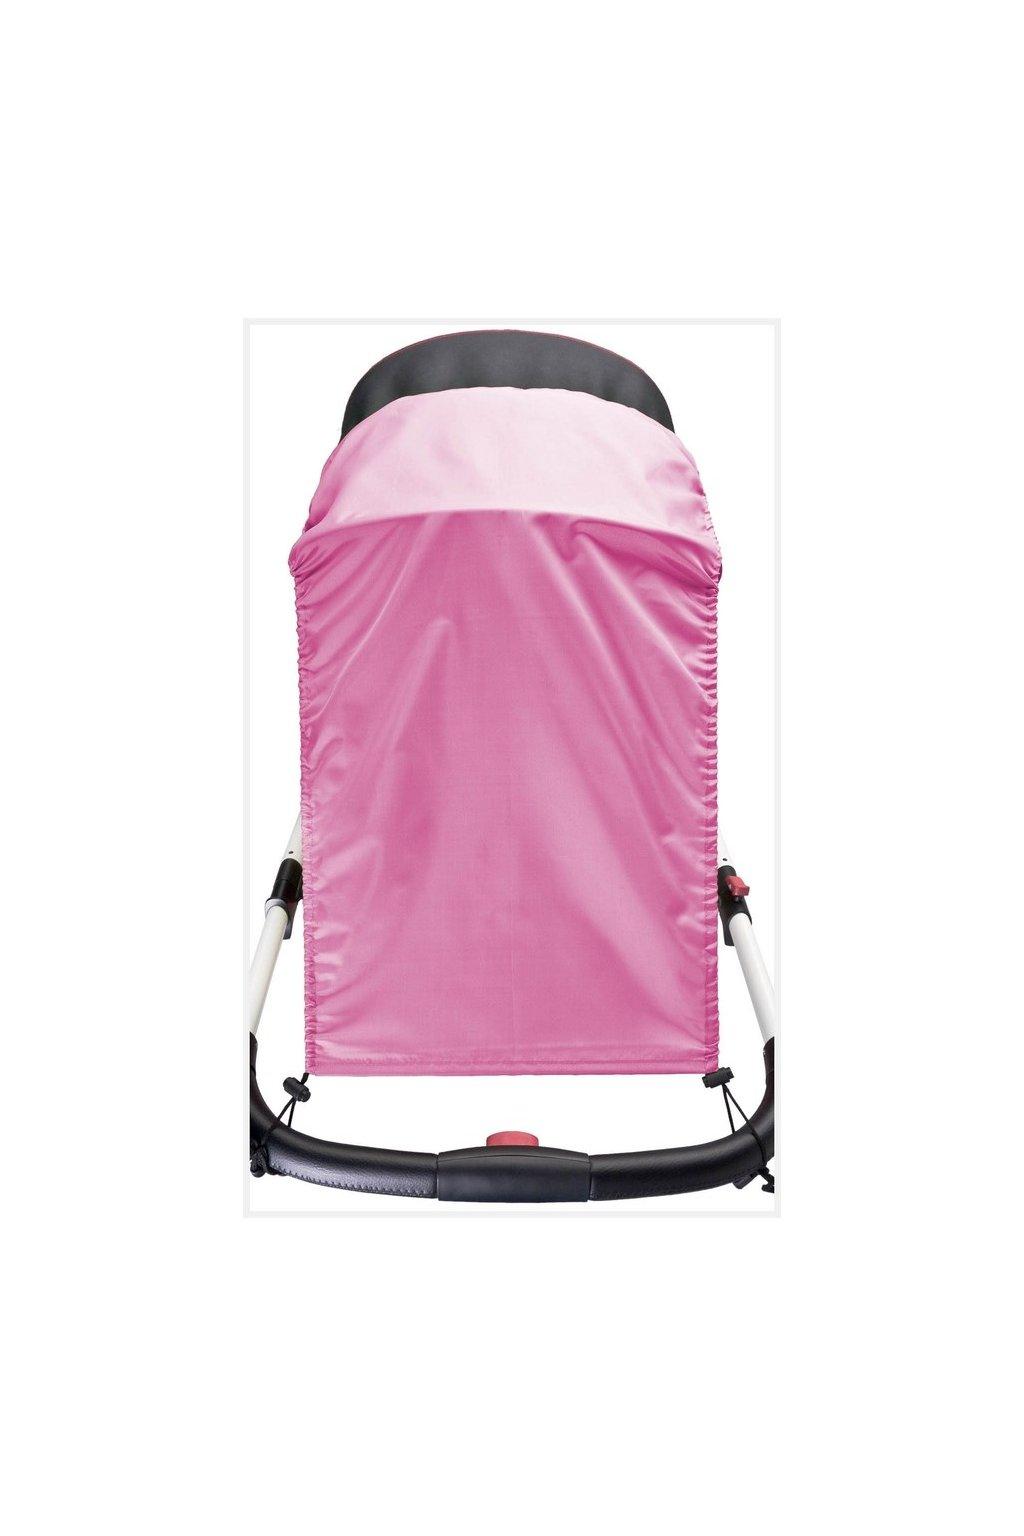 Slnečná clona na kočík CARETERO pink